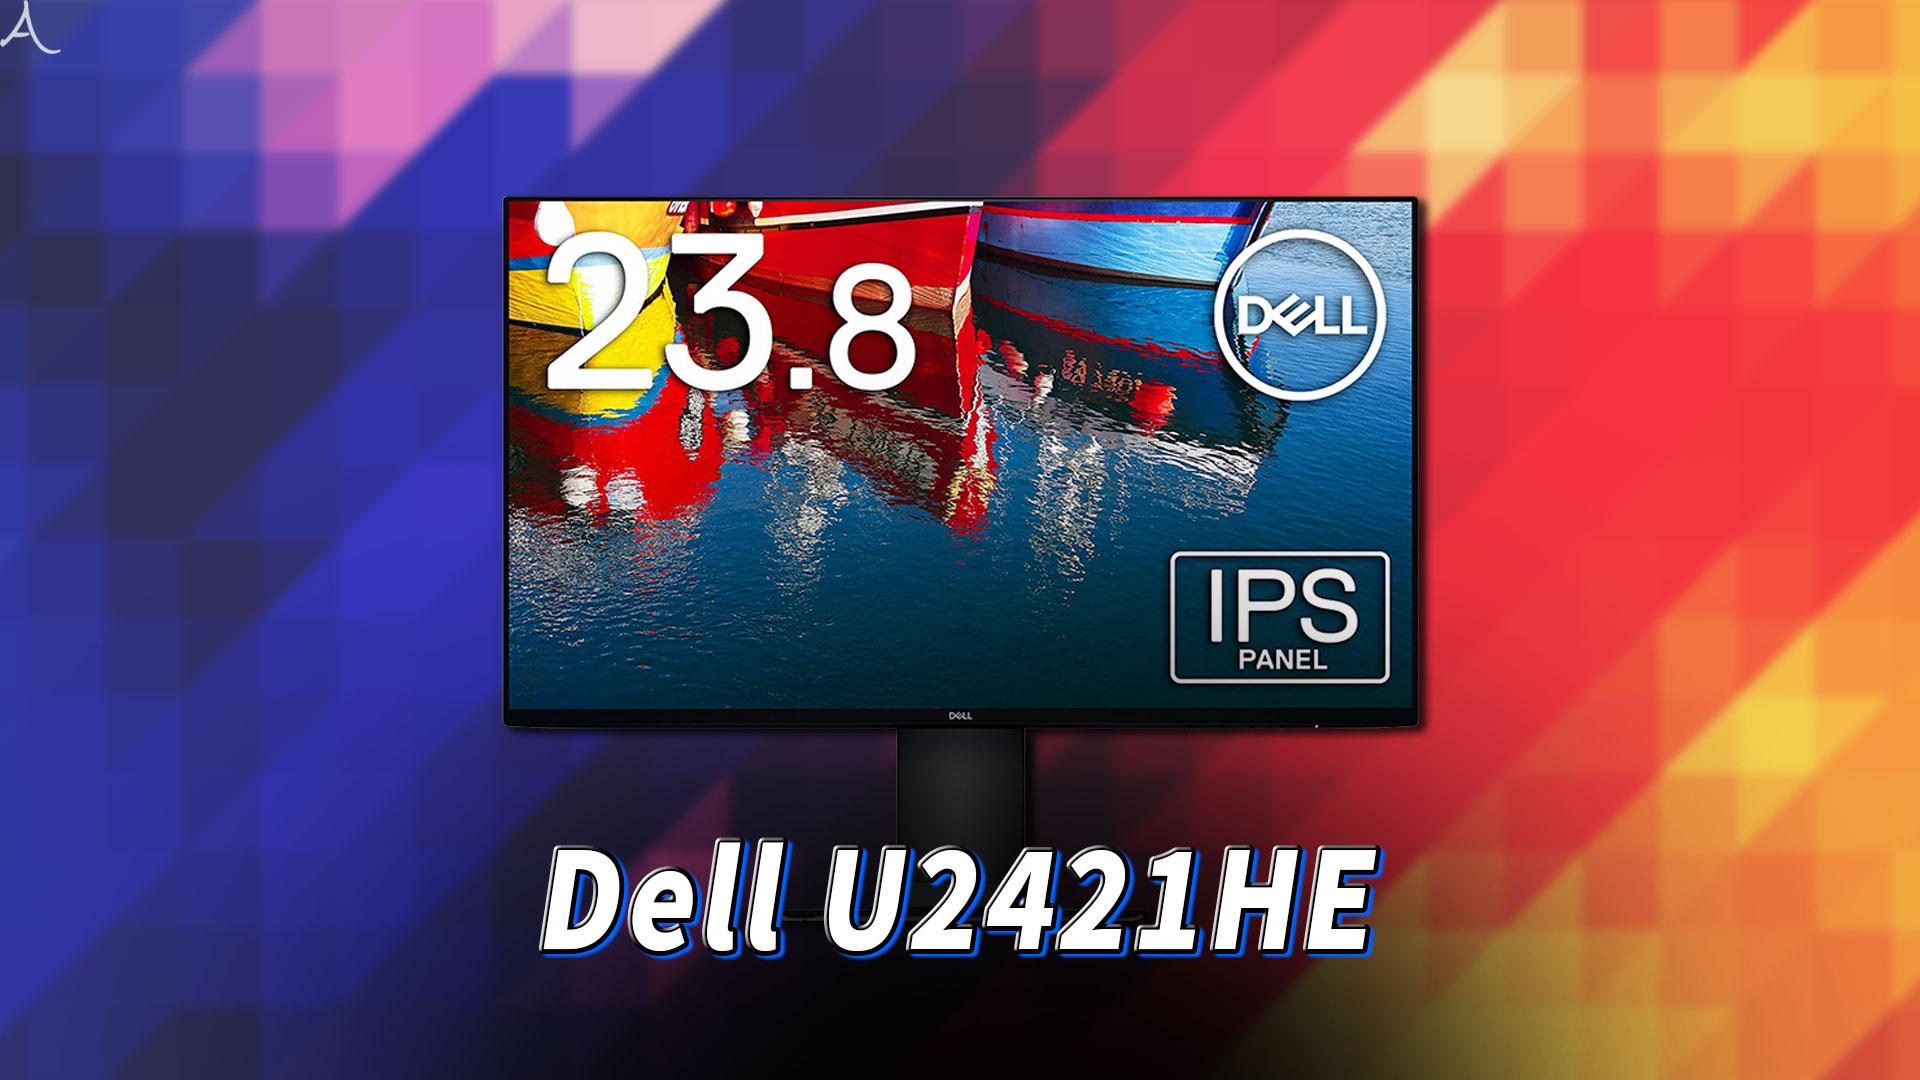 「Dell U2421HE」はスピーカーに対応してる?おすすめのPCスピーカーはどれ?